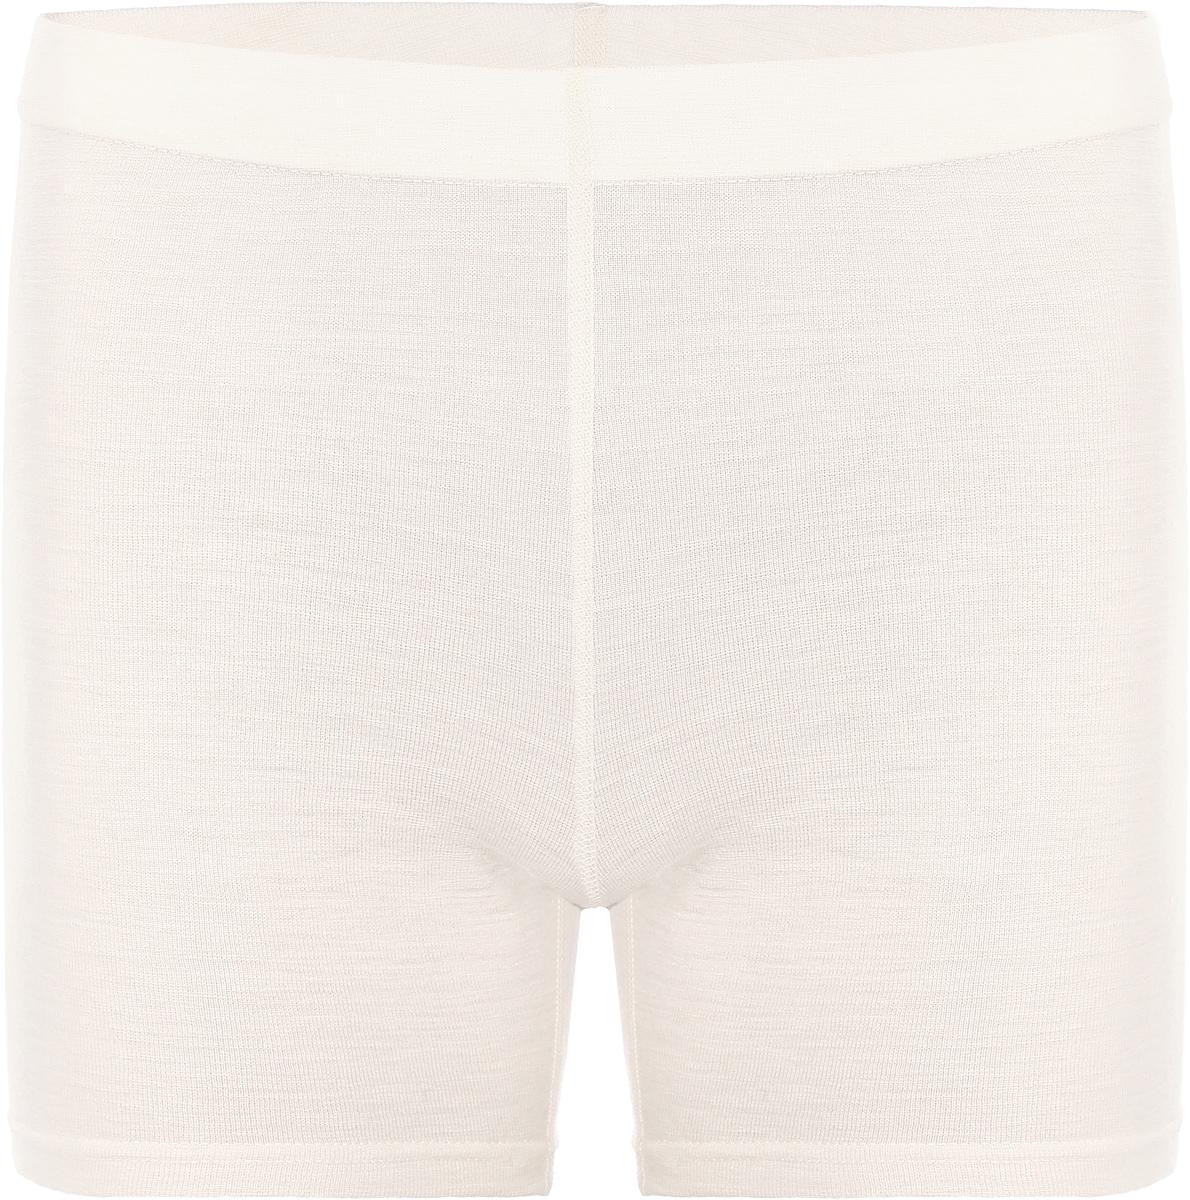 Термобелье шорты женские Dr. Wool, цвет: бежевый. DWUL 207. Размер 50/52DWUL 207Шорты Dr. Wool выполнены из мериносовой шерсти. Модель не стесняет движения, не нарушая вашего комфорта. Плотное облегание женского термобелья позволяет носить его под другой одеждой в качестве первого слоя, не натирая при этом кожу. Благодаря специальной структуре волокна осуществляется защита тела от переохлаждения и перегрева. Это же позволяет нейтрализовать неприятный запах и испарять влагу. Мягкие швы, манжеты и резинка не доставляют дискомфорта.